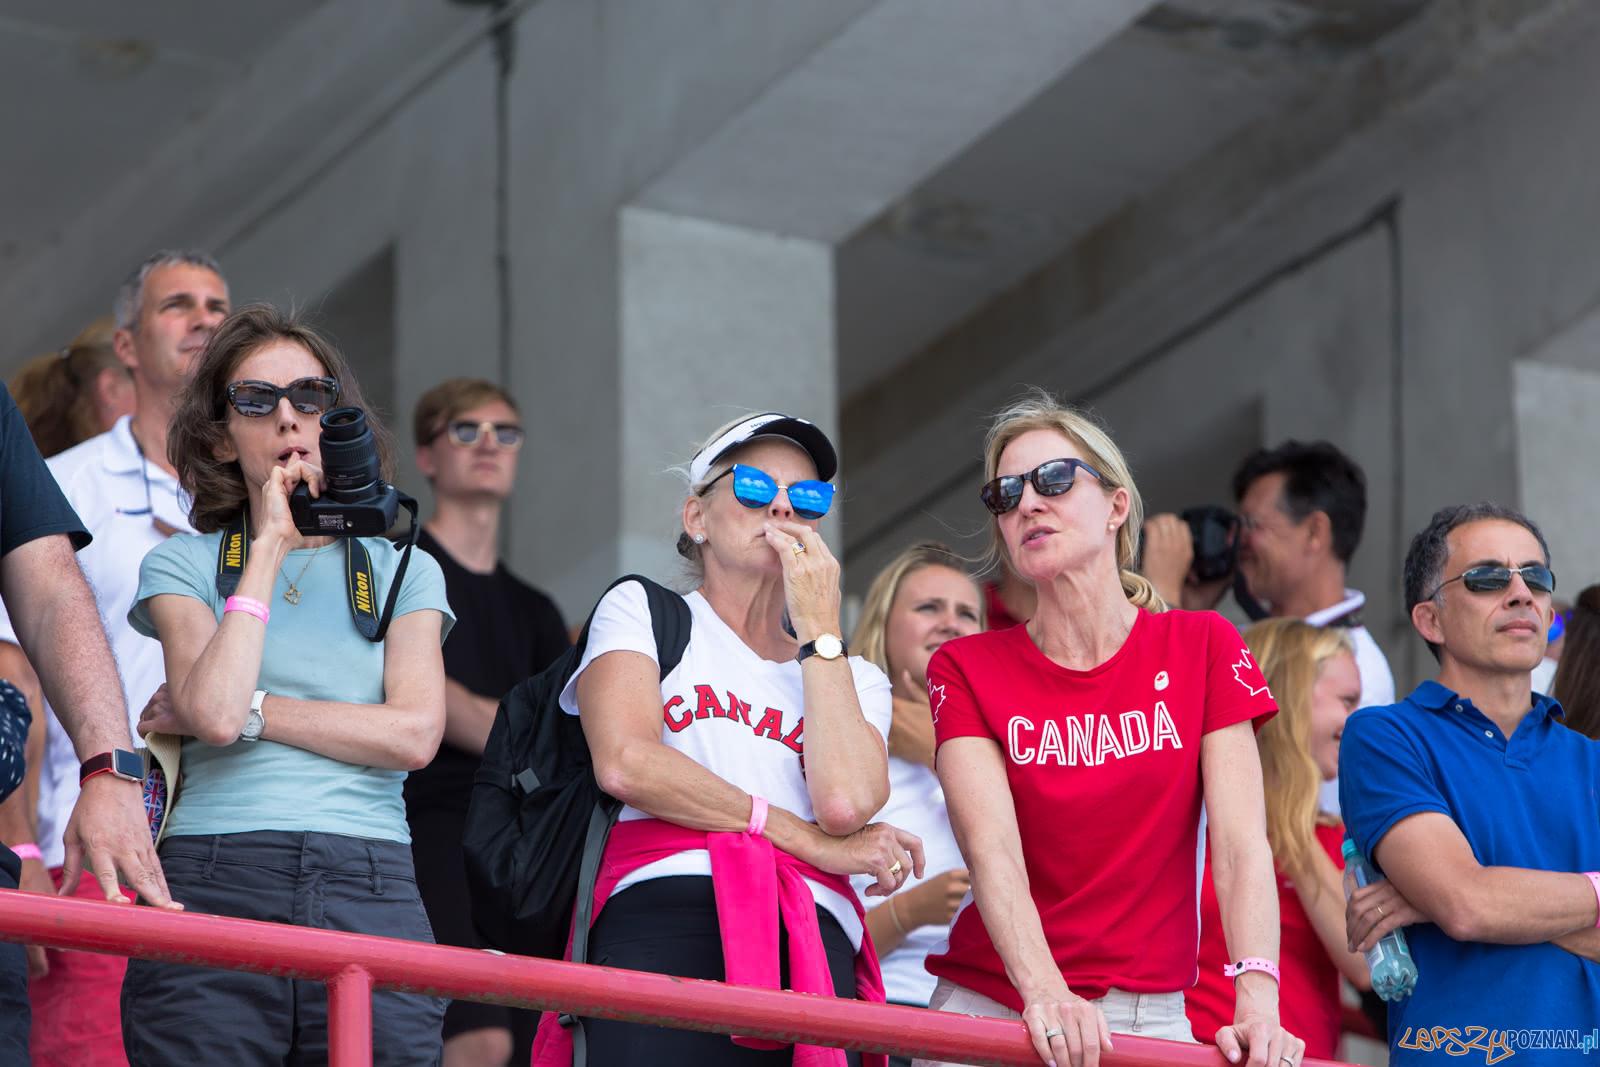 Mistrzostwa Świata U23 w wioślarstwie na poznańskiej Malcie -  Foto: lepszyPOZNAN.pl/Piotr Rychter